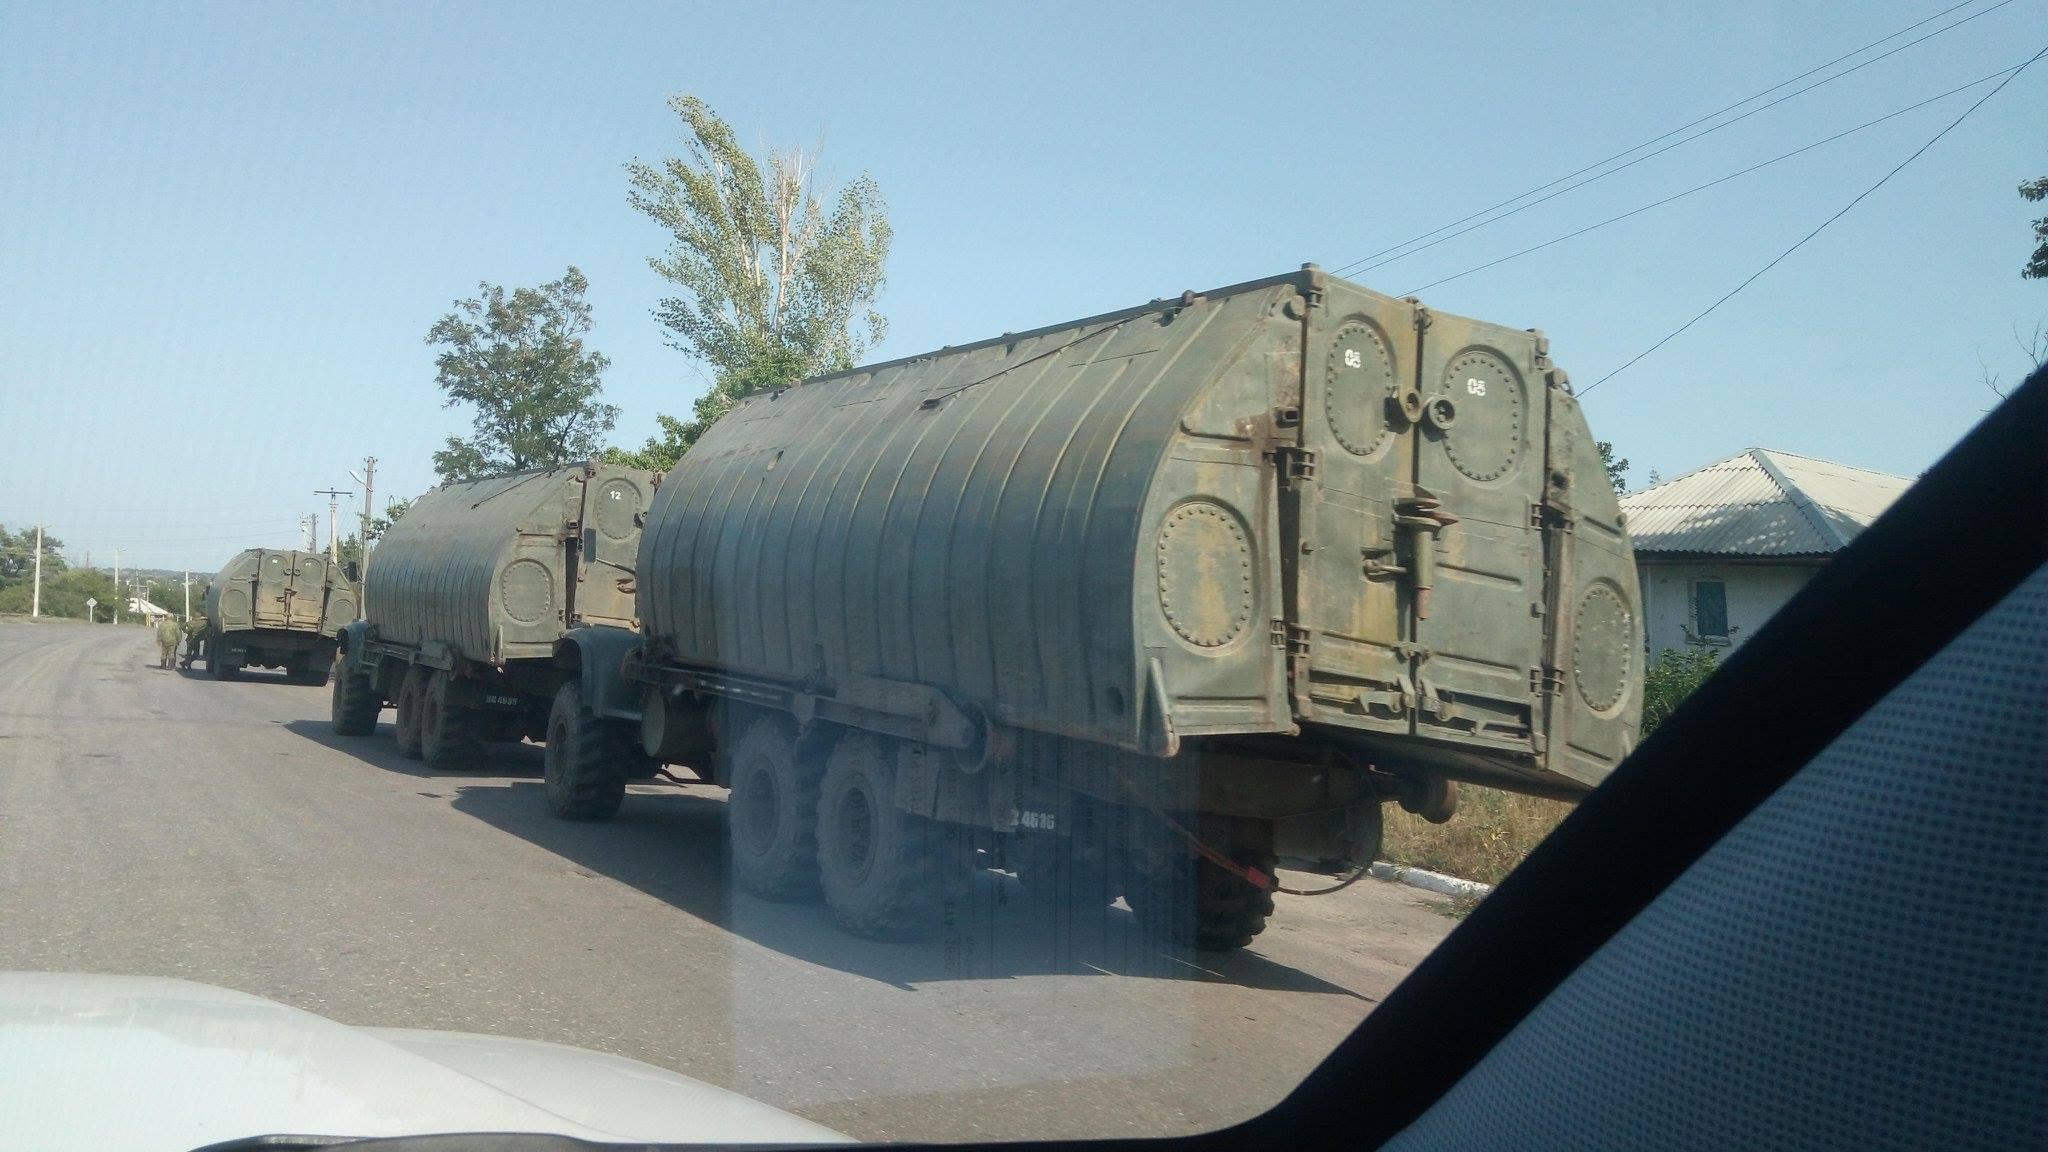 Місія ОБСЄ зафіксувала поблизу Луганська три колони військової техніки